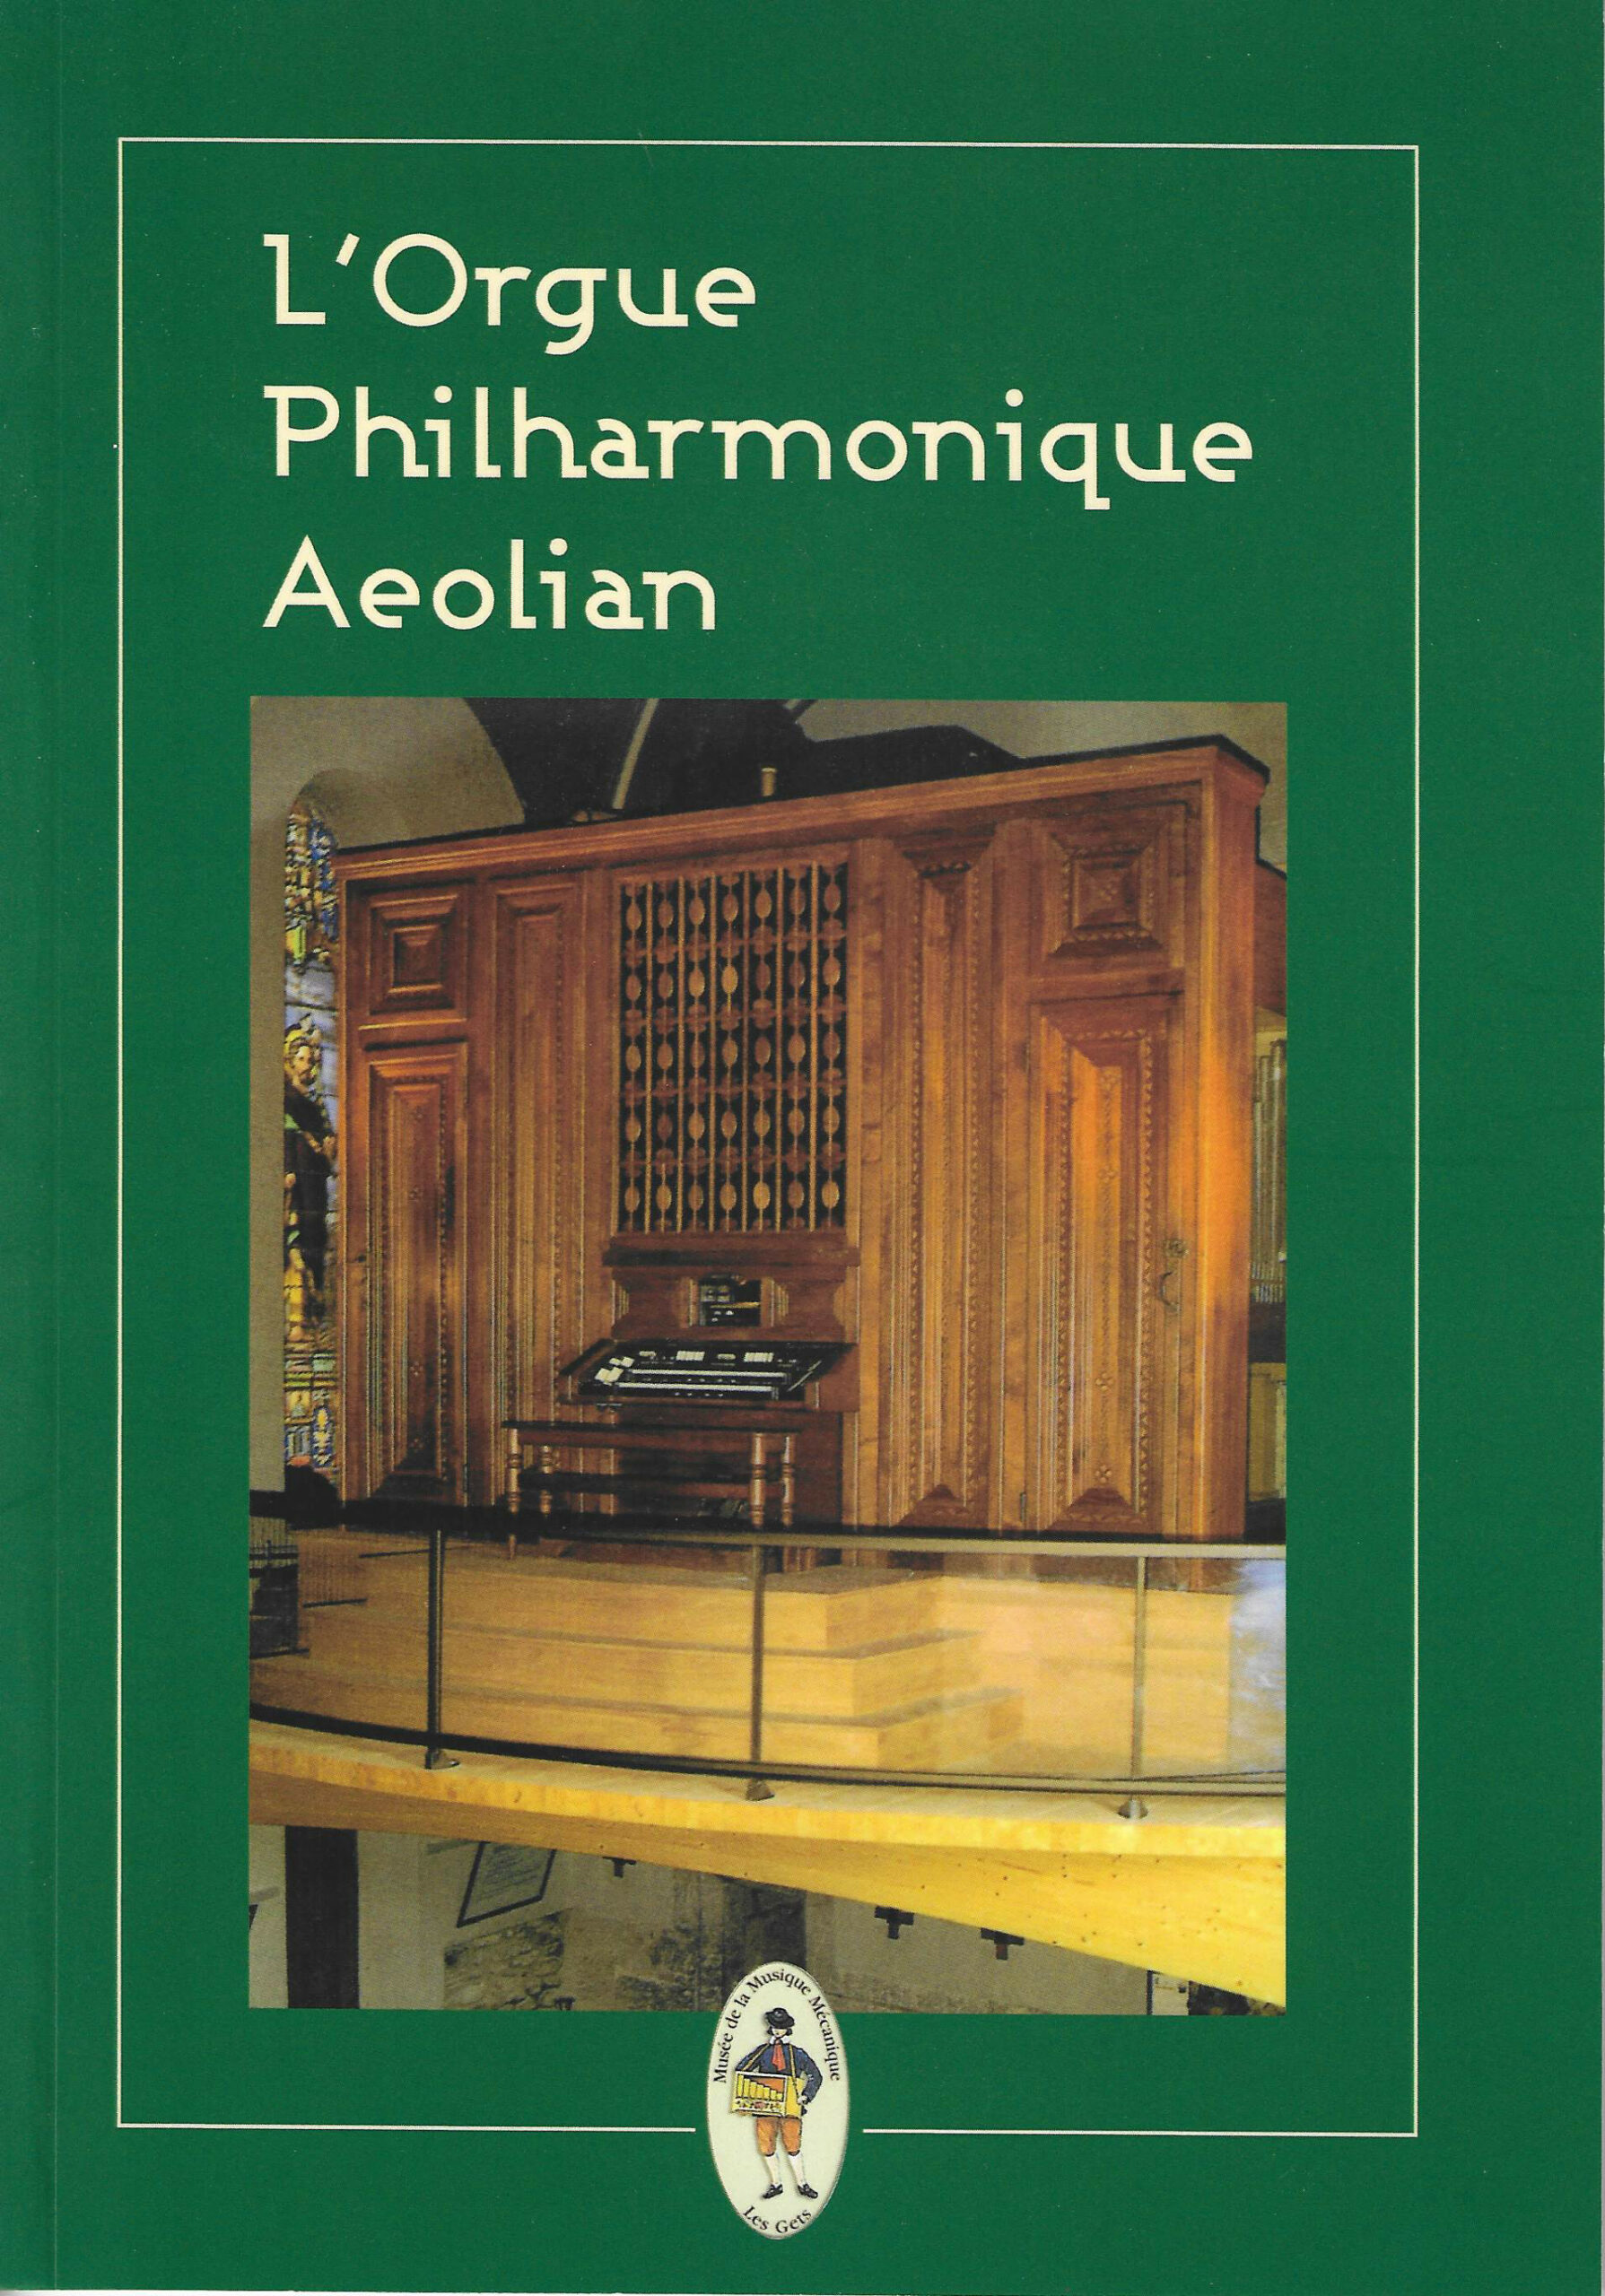 L'orgue philharmonique Aeolian du Musée des Gets